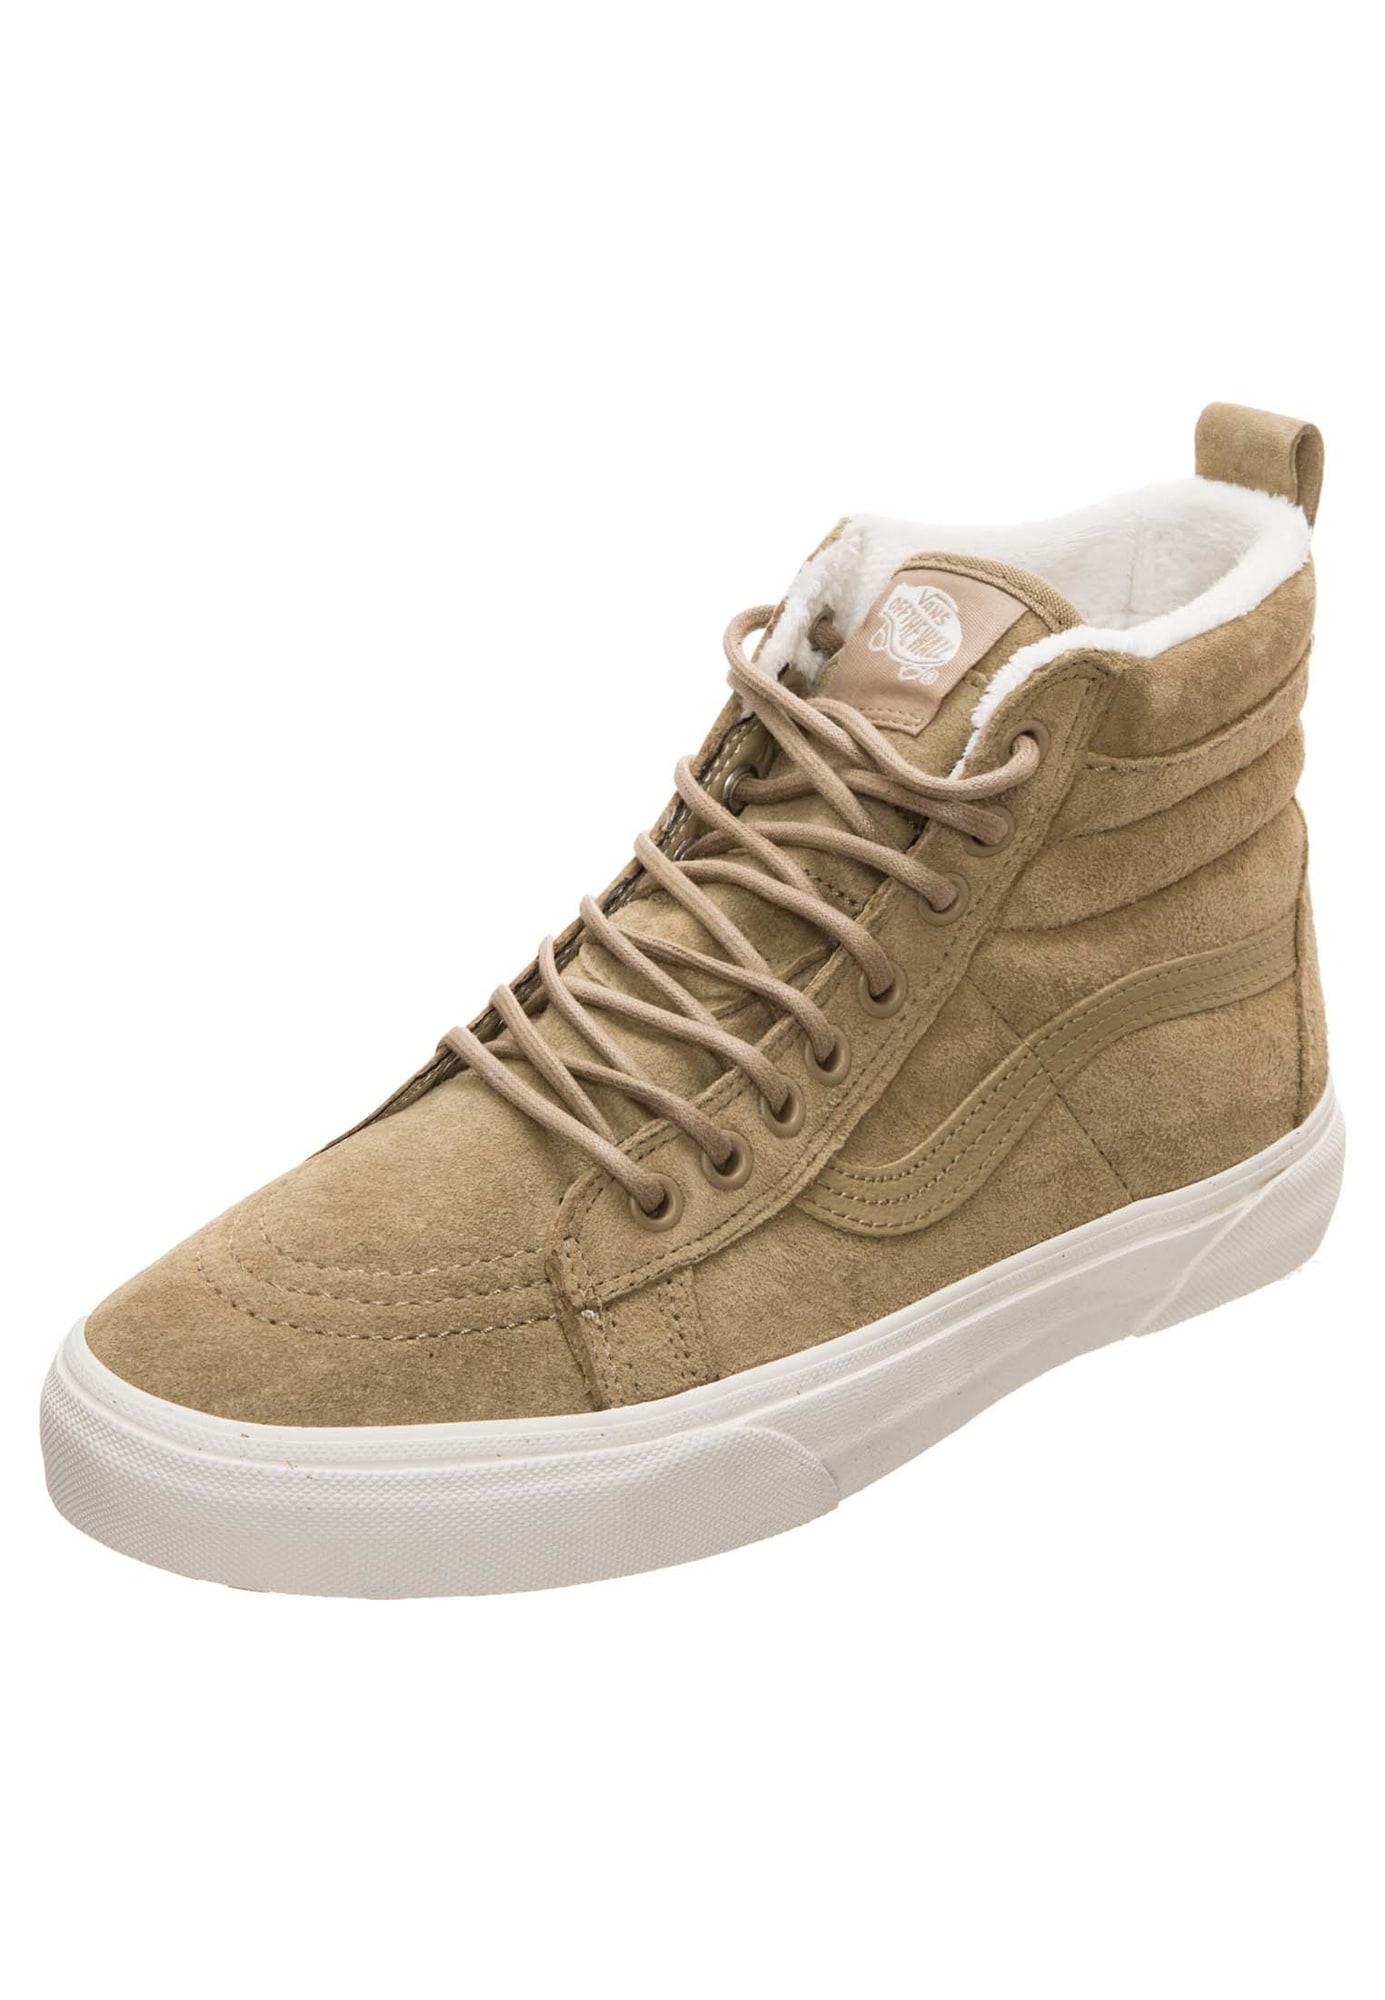 VANS, Dames Sneakers hoog 'Sk8-Hi MTE', bruin / wit